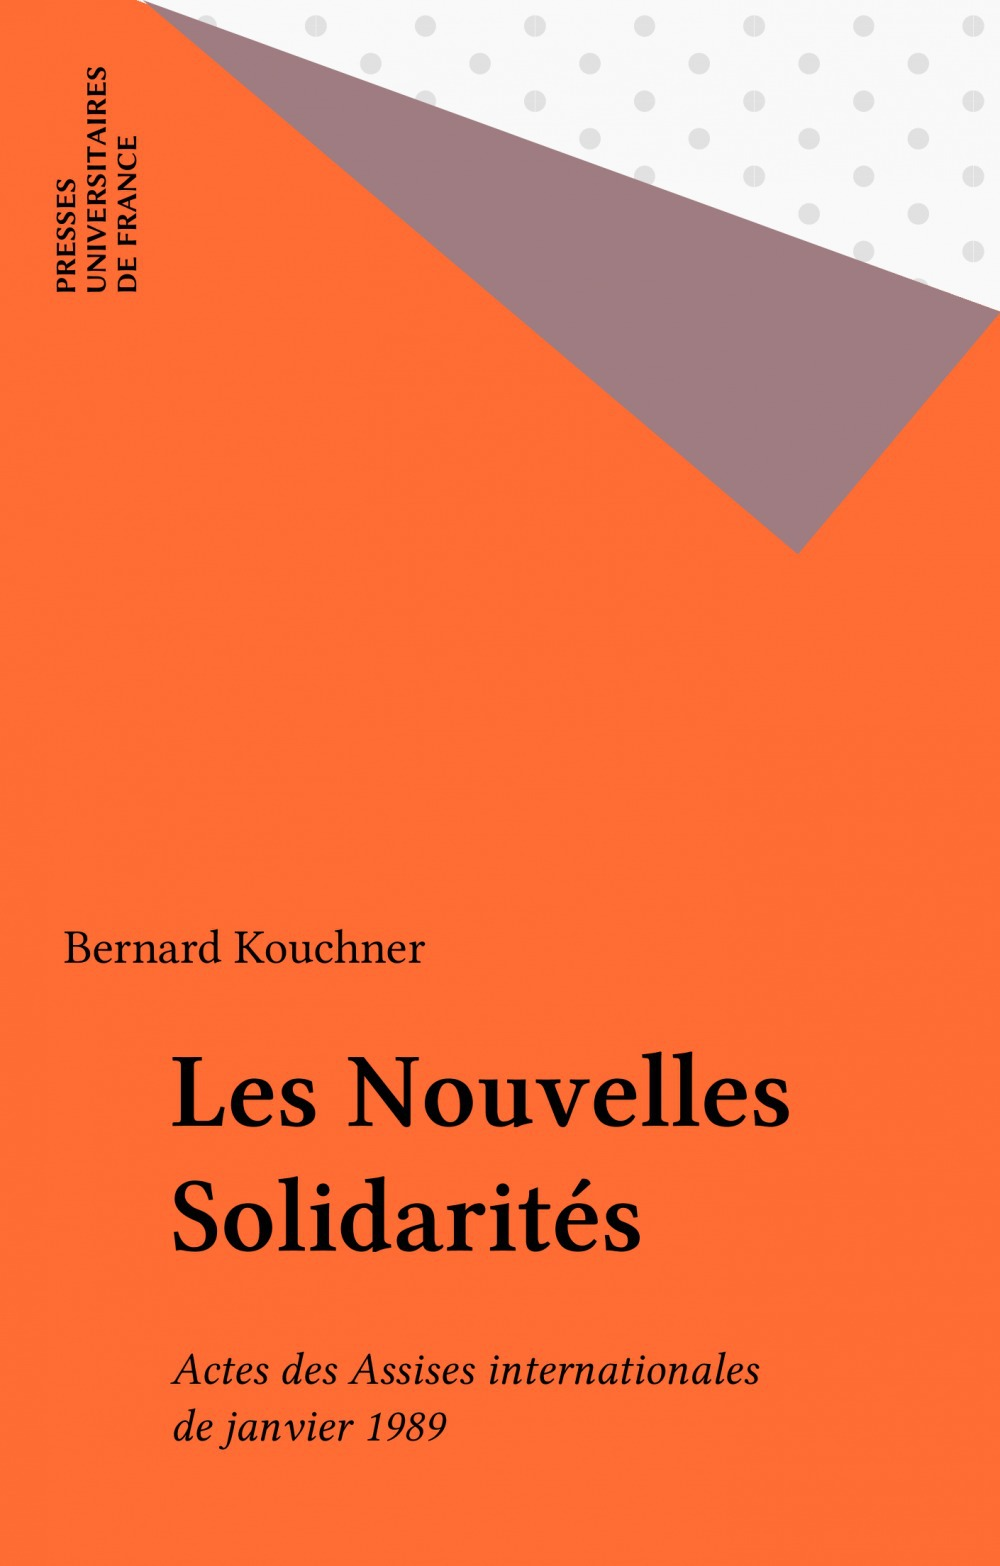 Les nouvelles solidarites